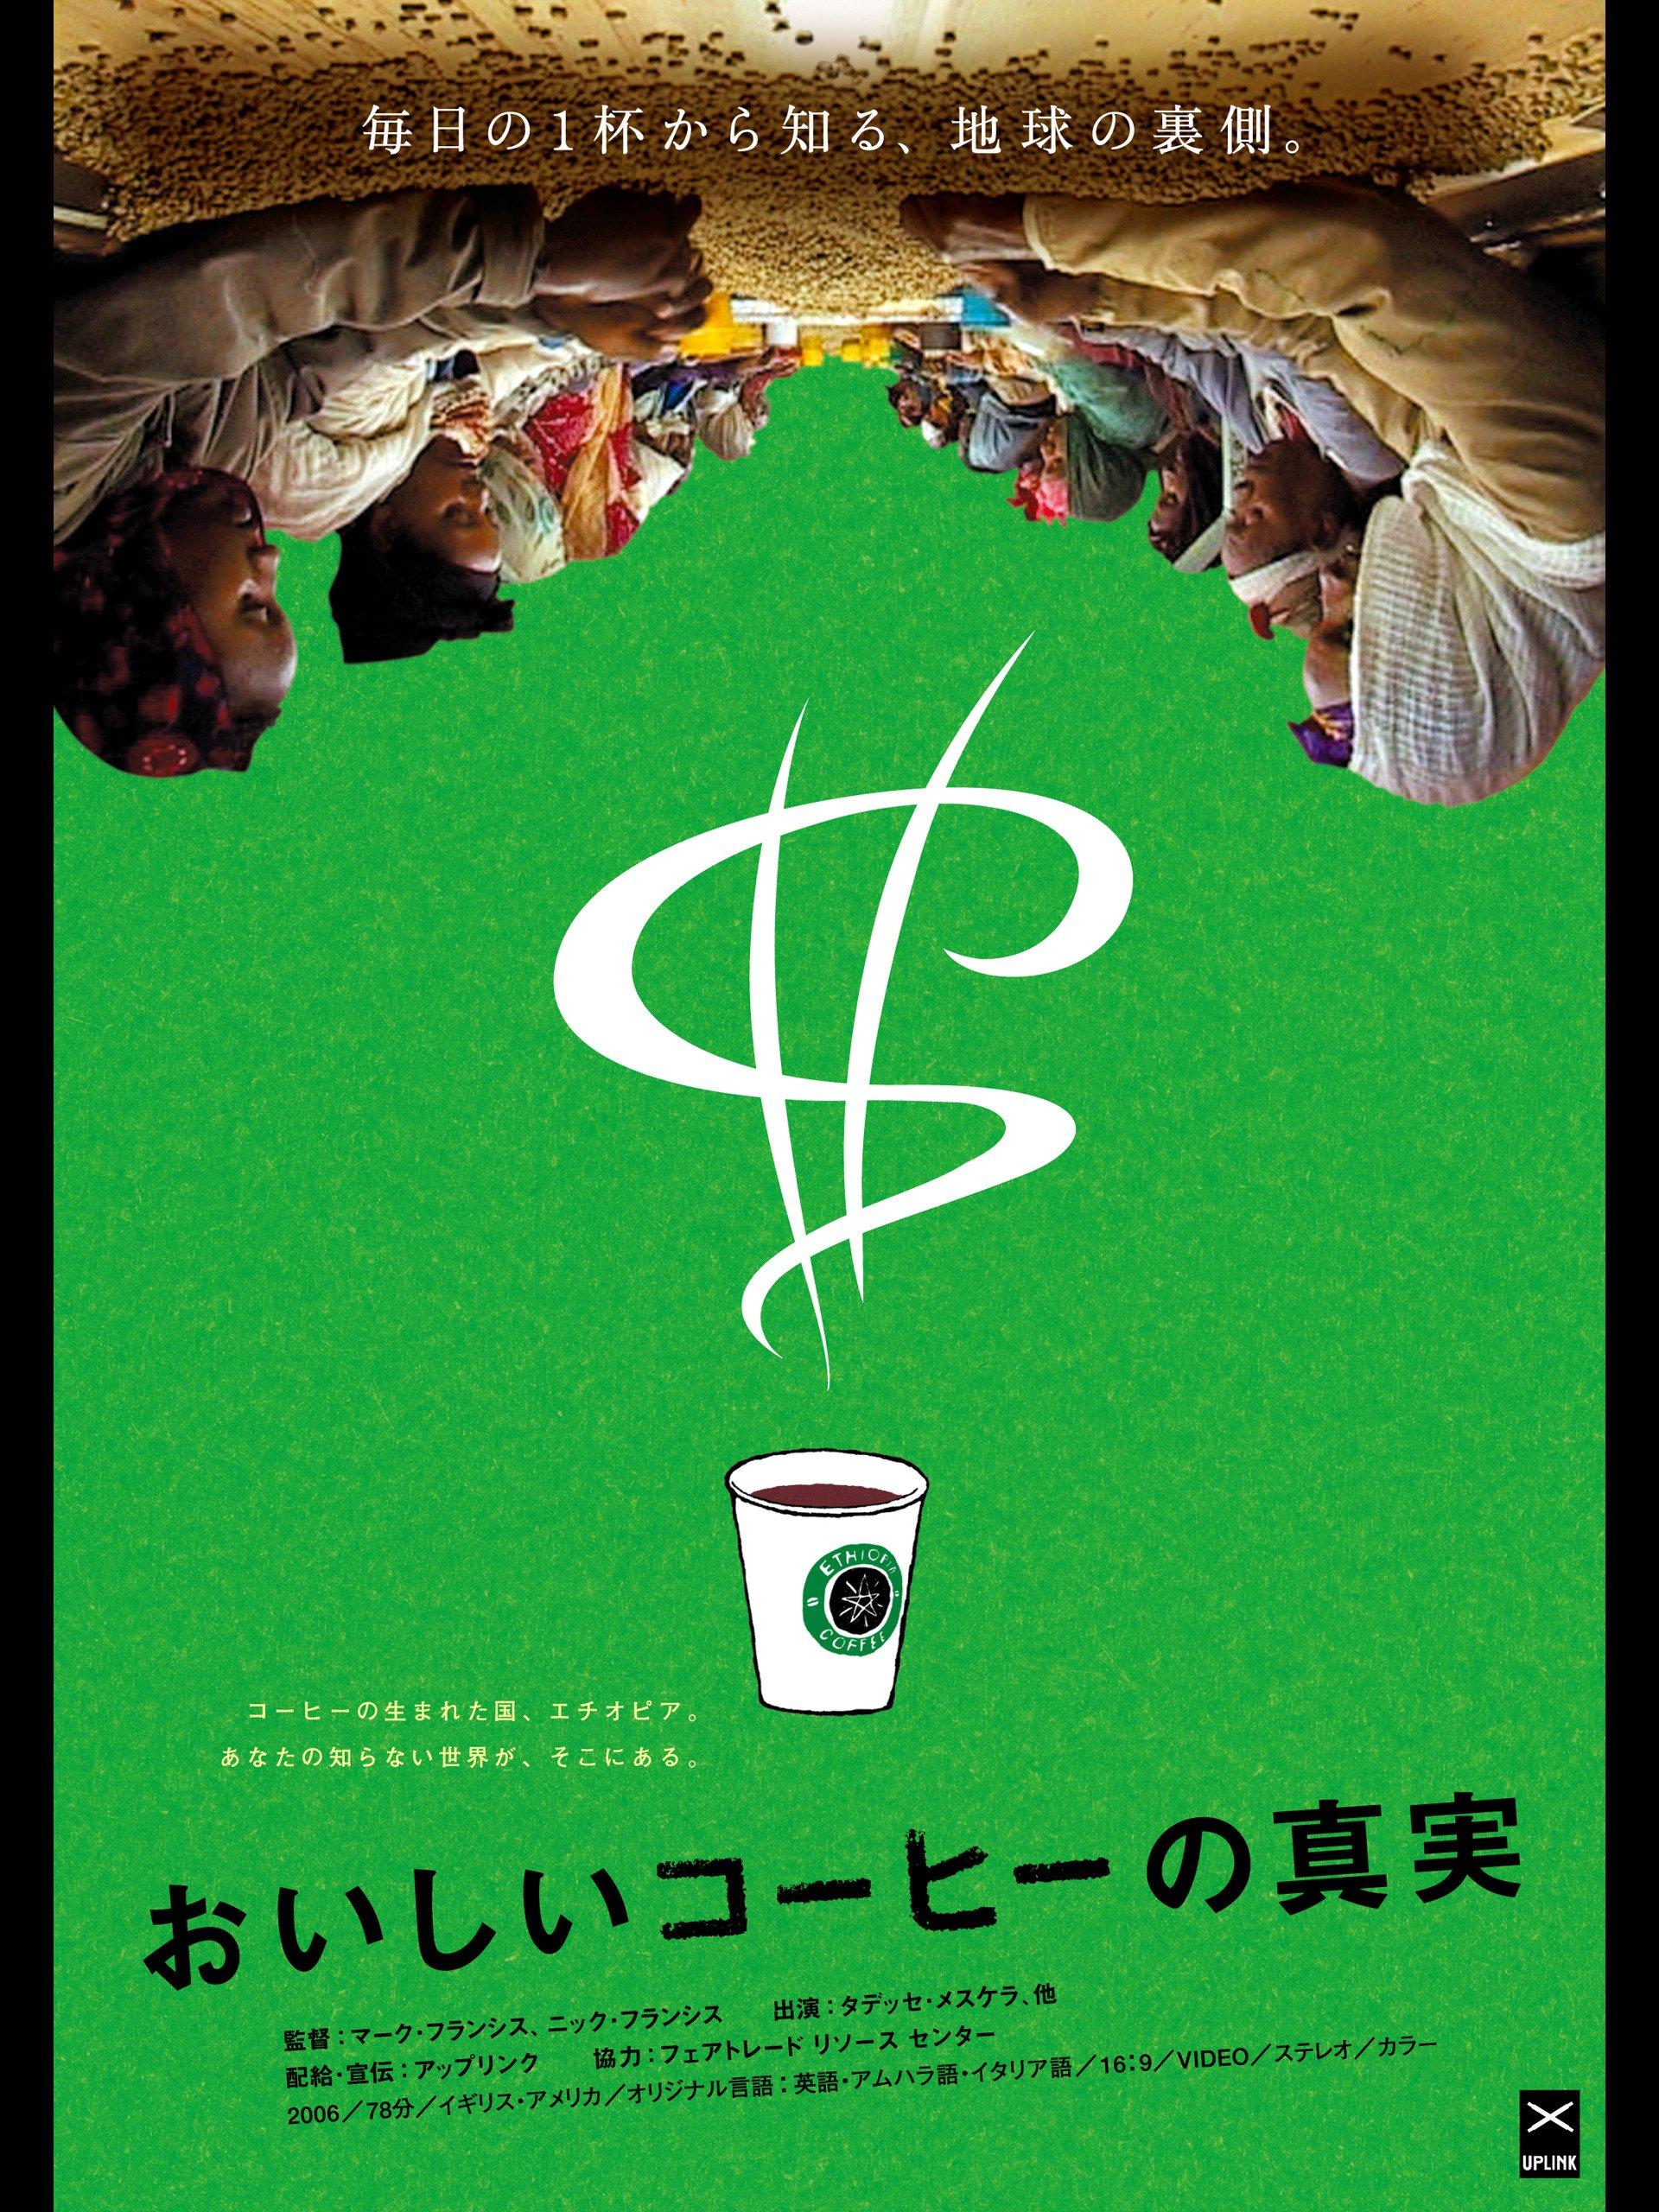 Amazon.co.jp: おいしいコーヒーの真実を観る   Prime Video